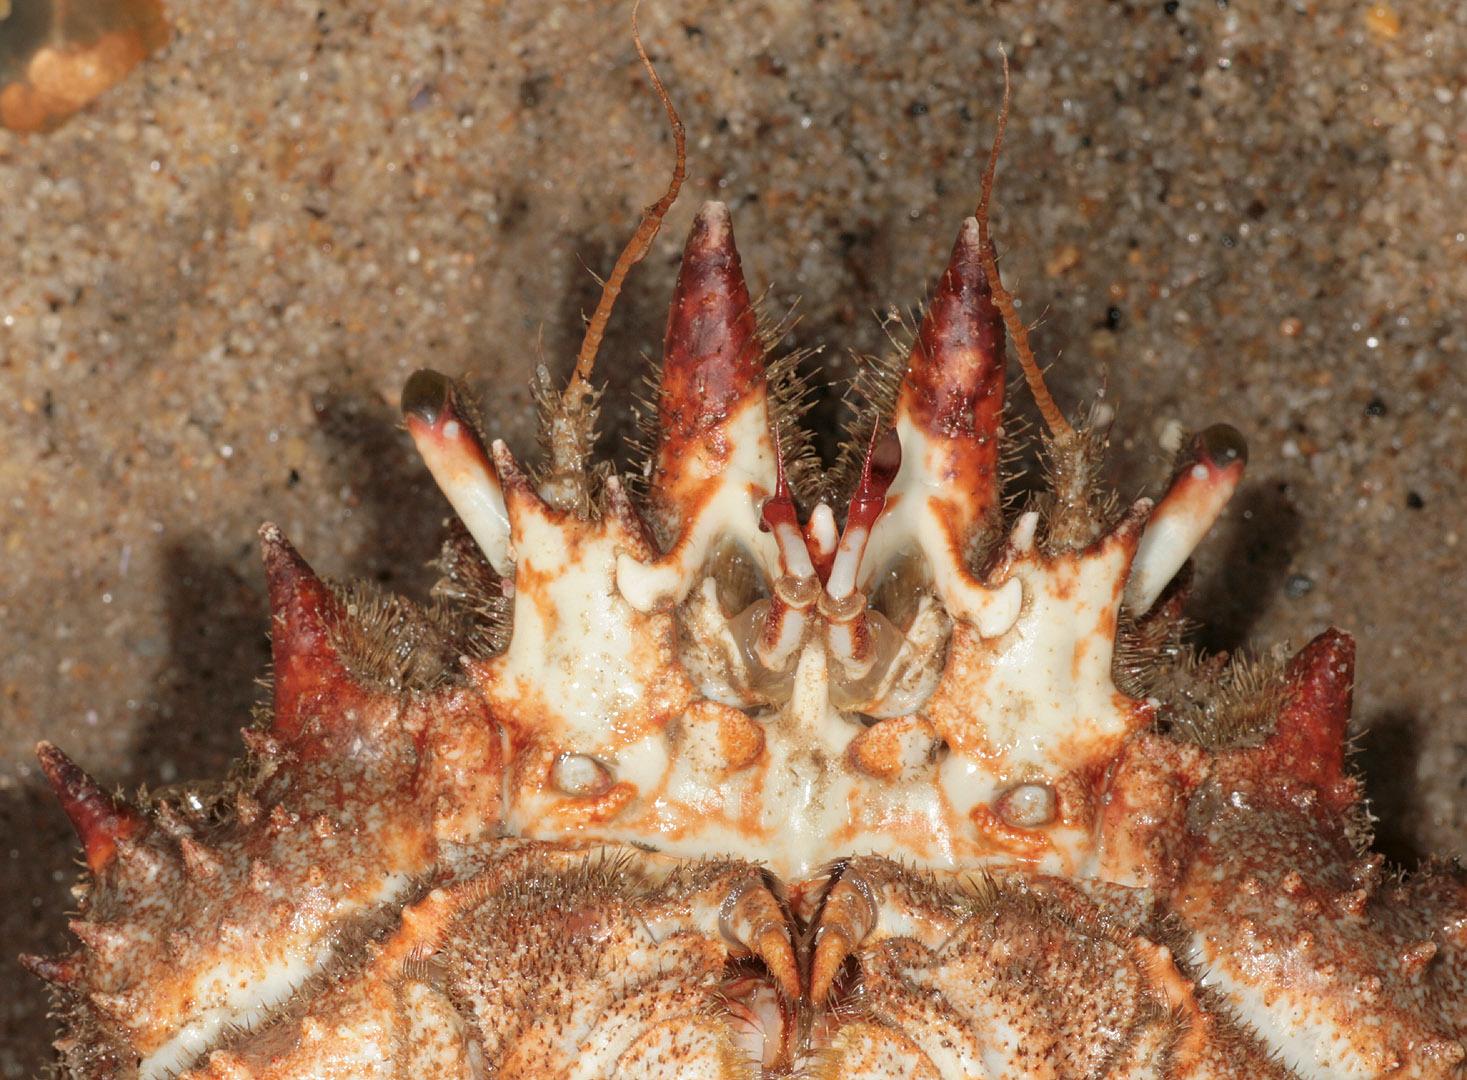 Image of Atlantic spider crab